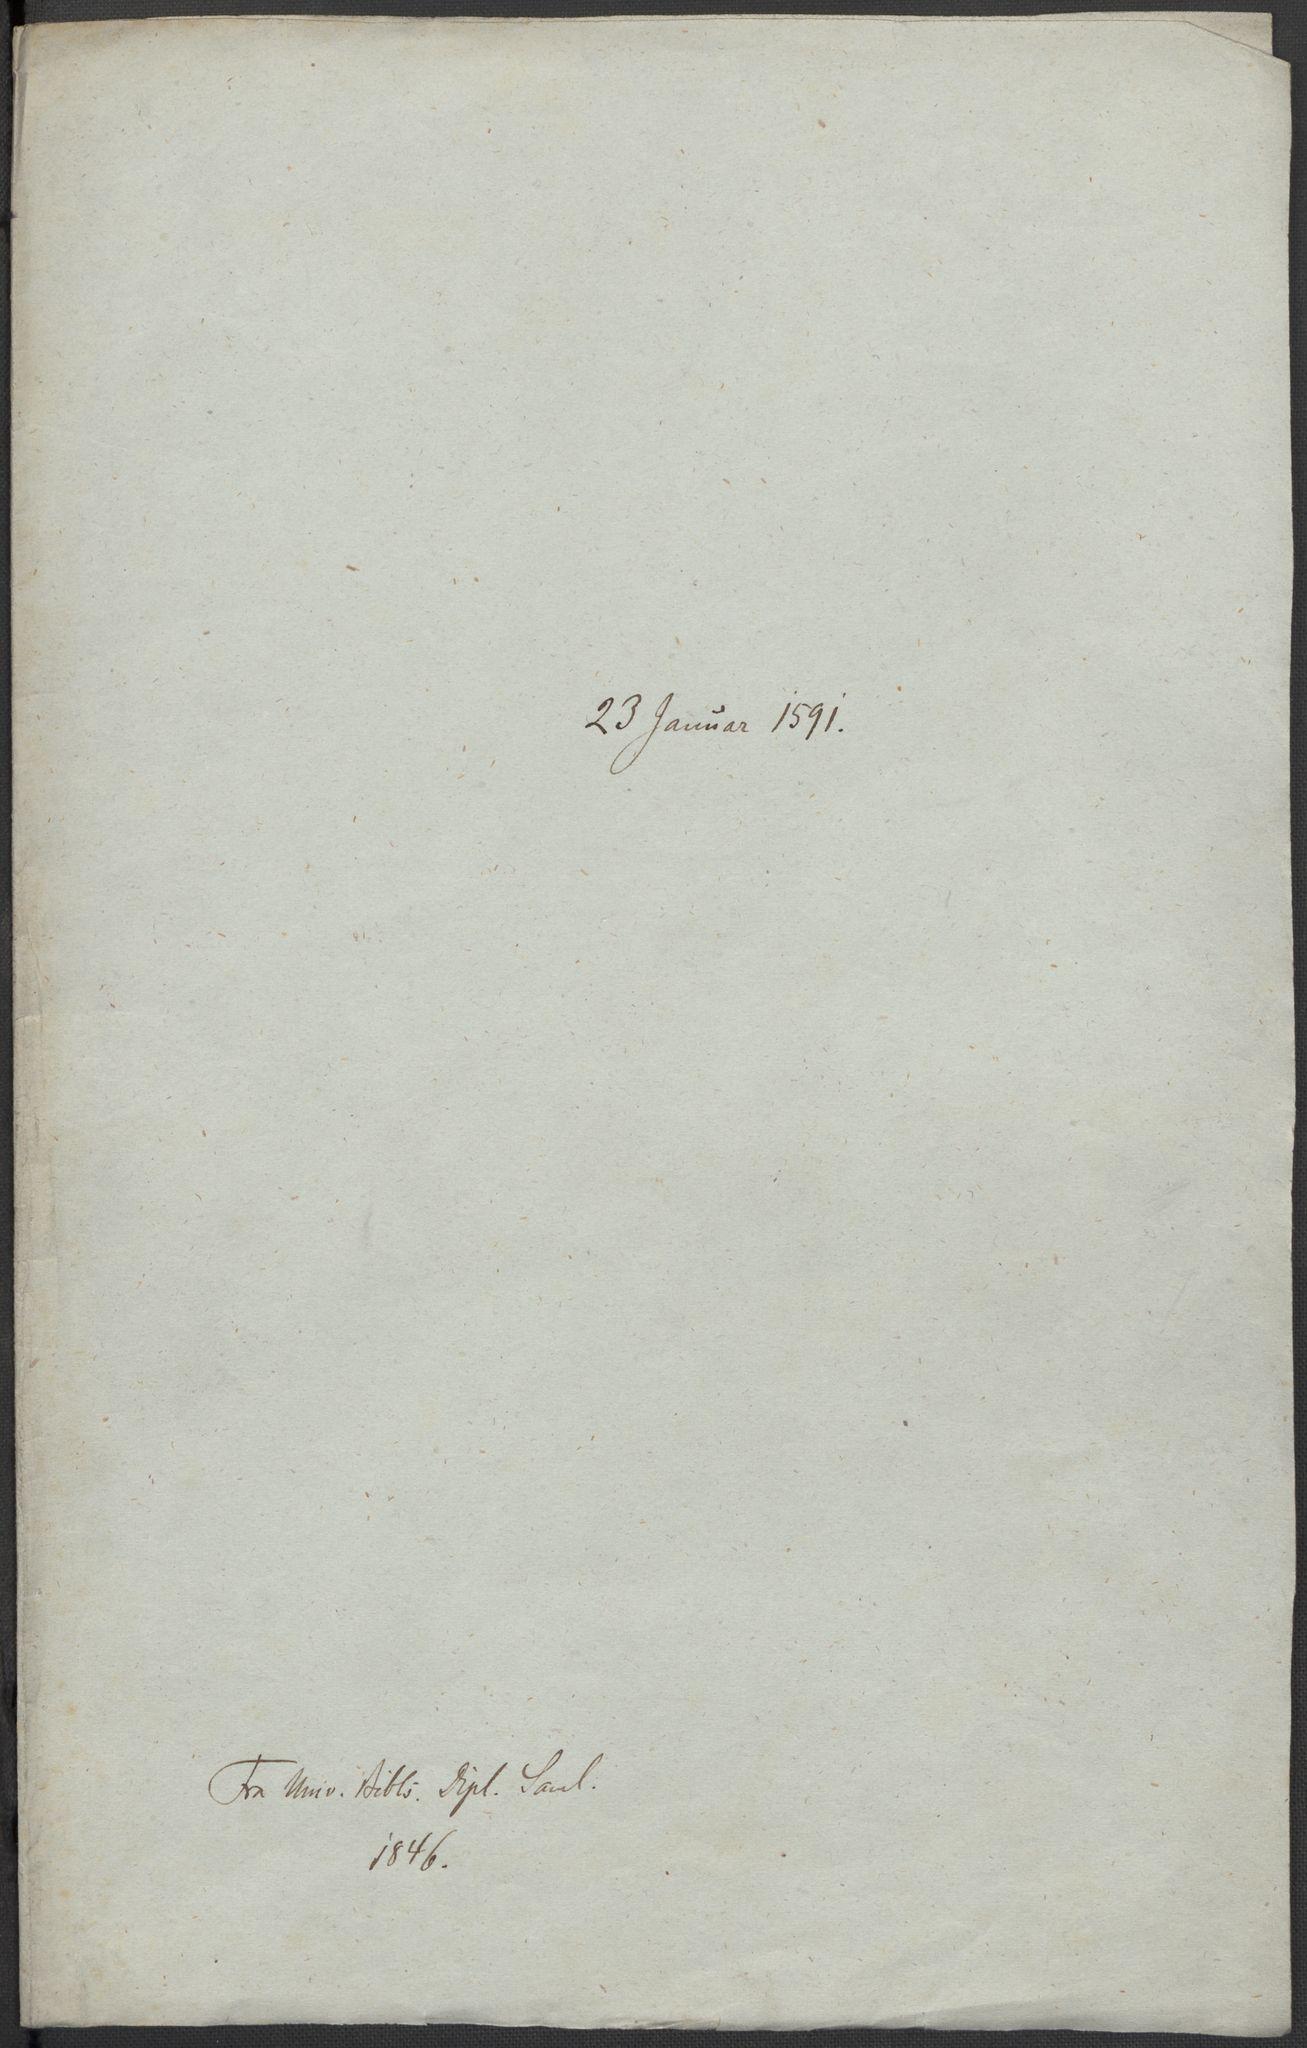 RA, Riksarkivets diplomsamling, F02/L0093: Dokumenter, 1591, s. 16